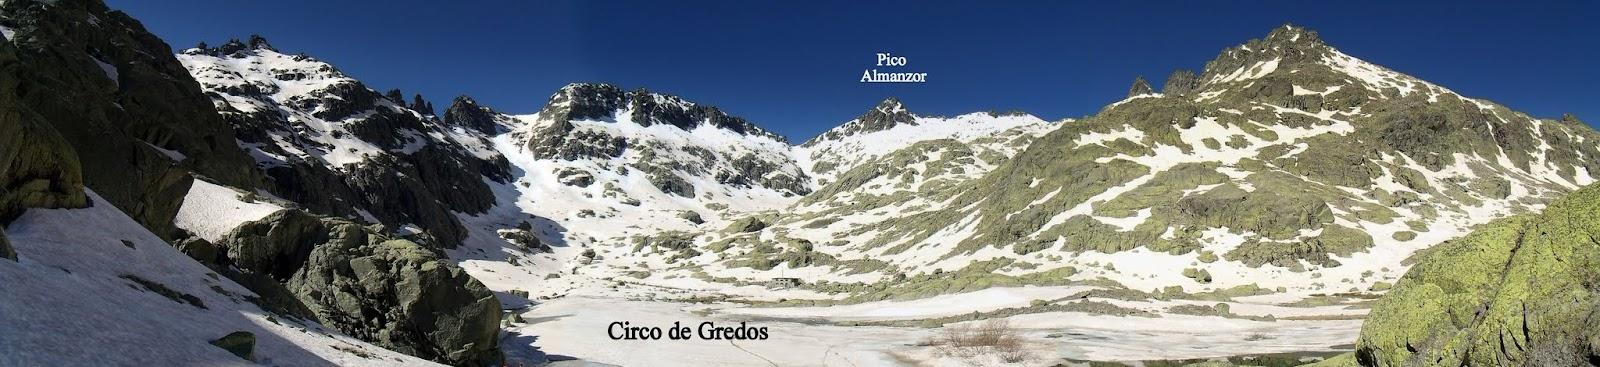 Circo de Gredos, iniciación invernal